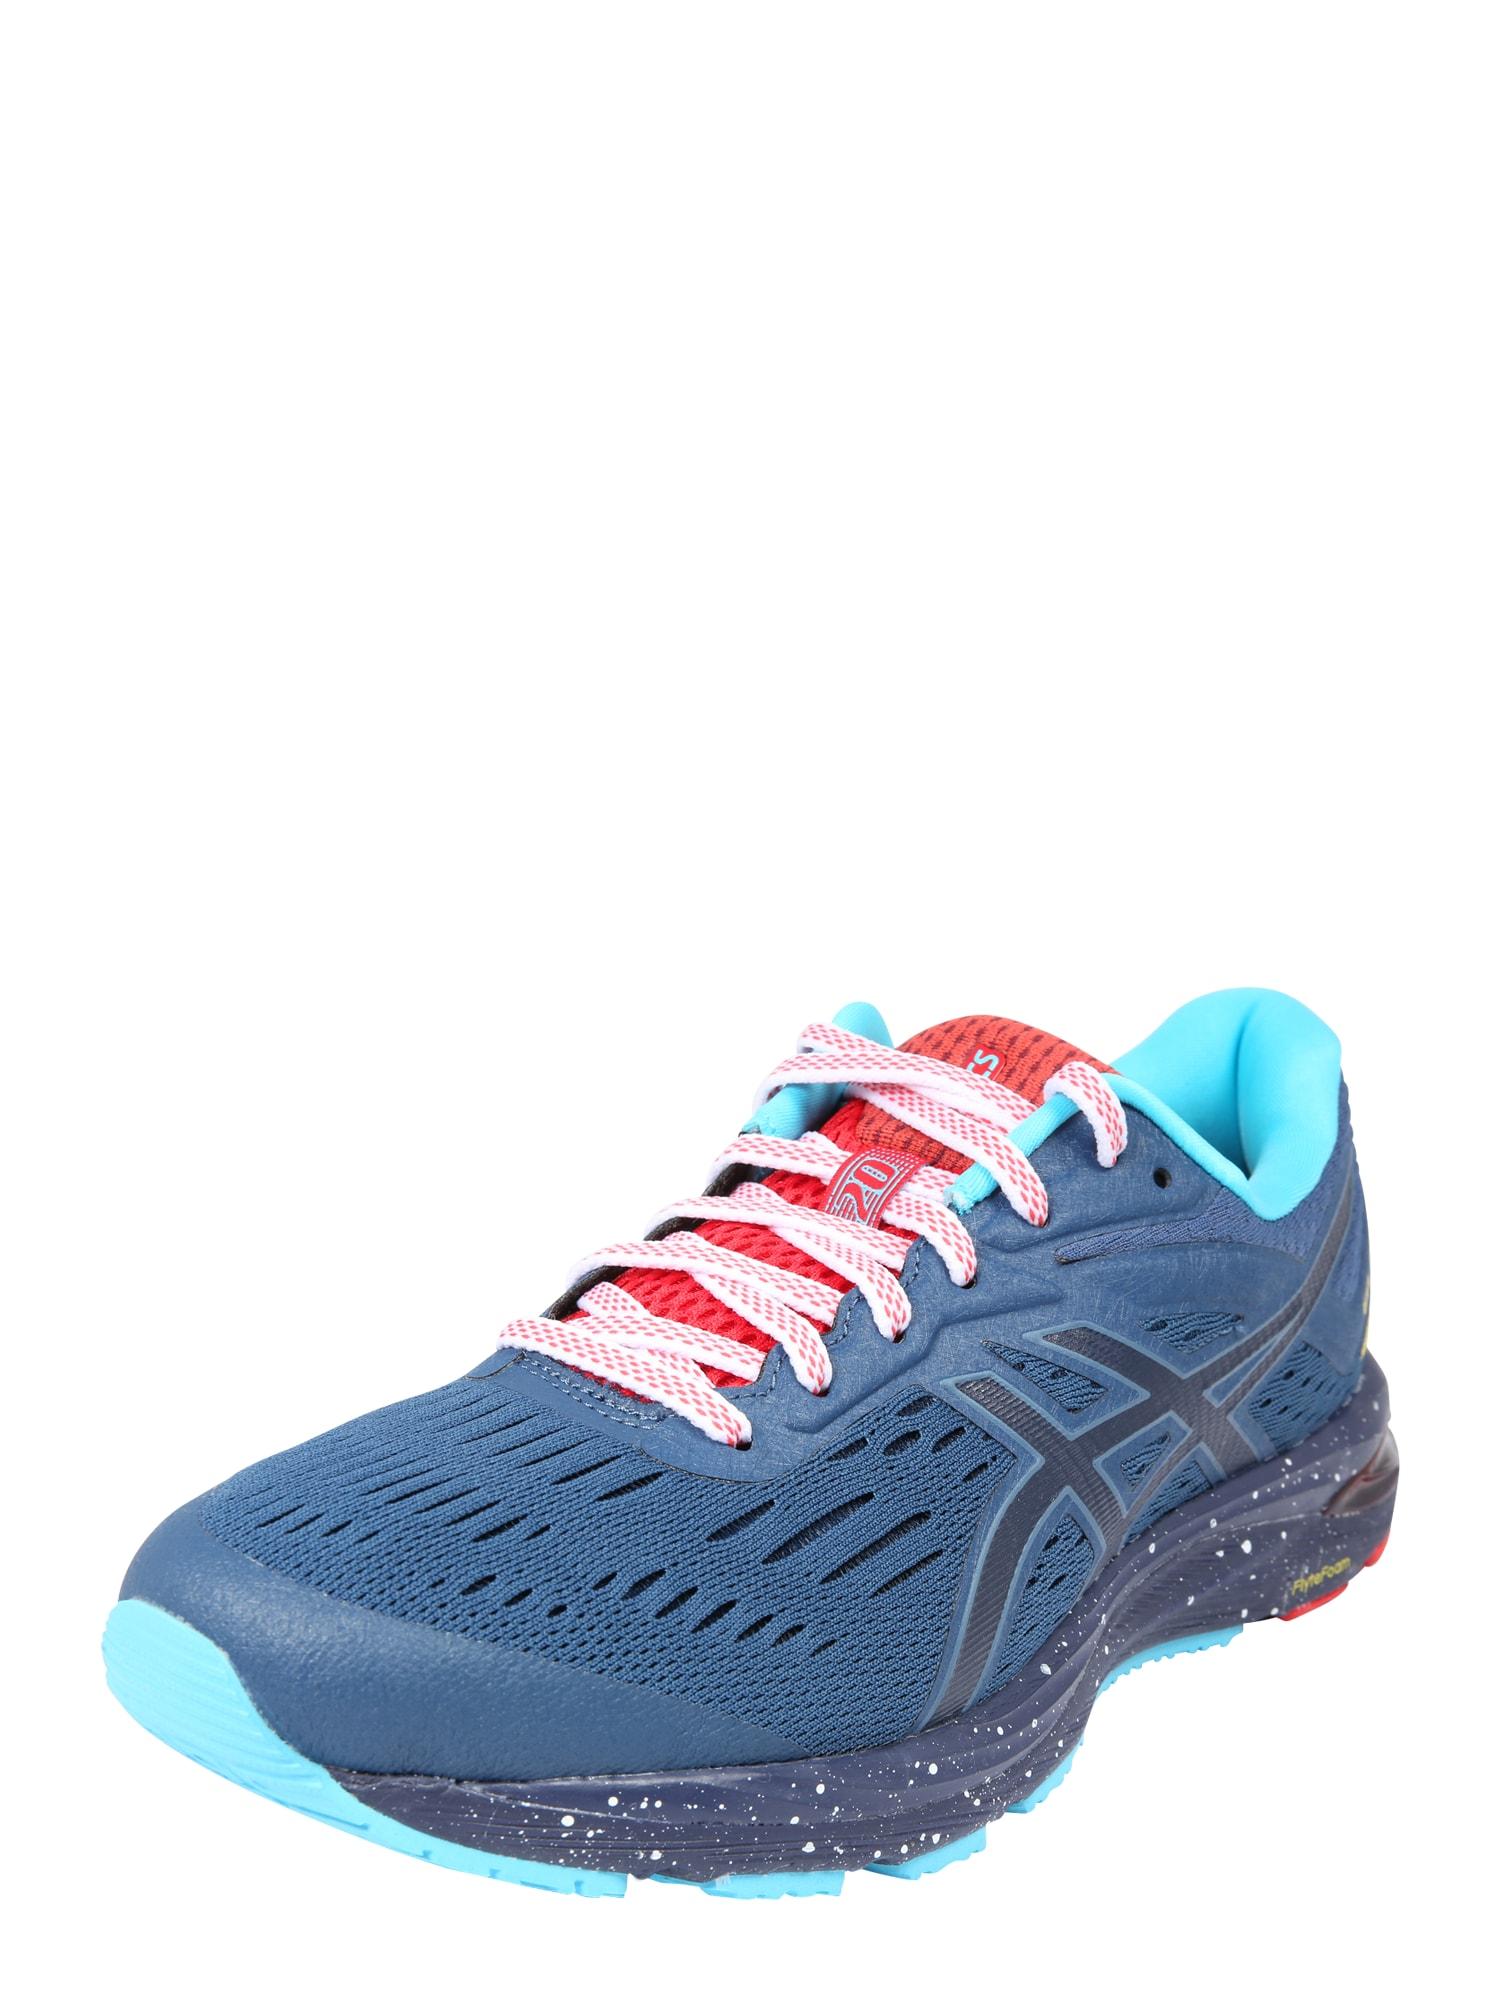 Sportovní boty Gel-Cumulus 20 LE azurová modrá nebeská modř svítivě červená ASICS